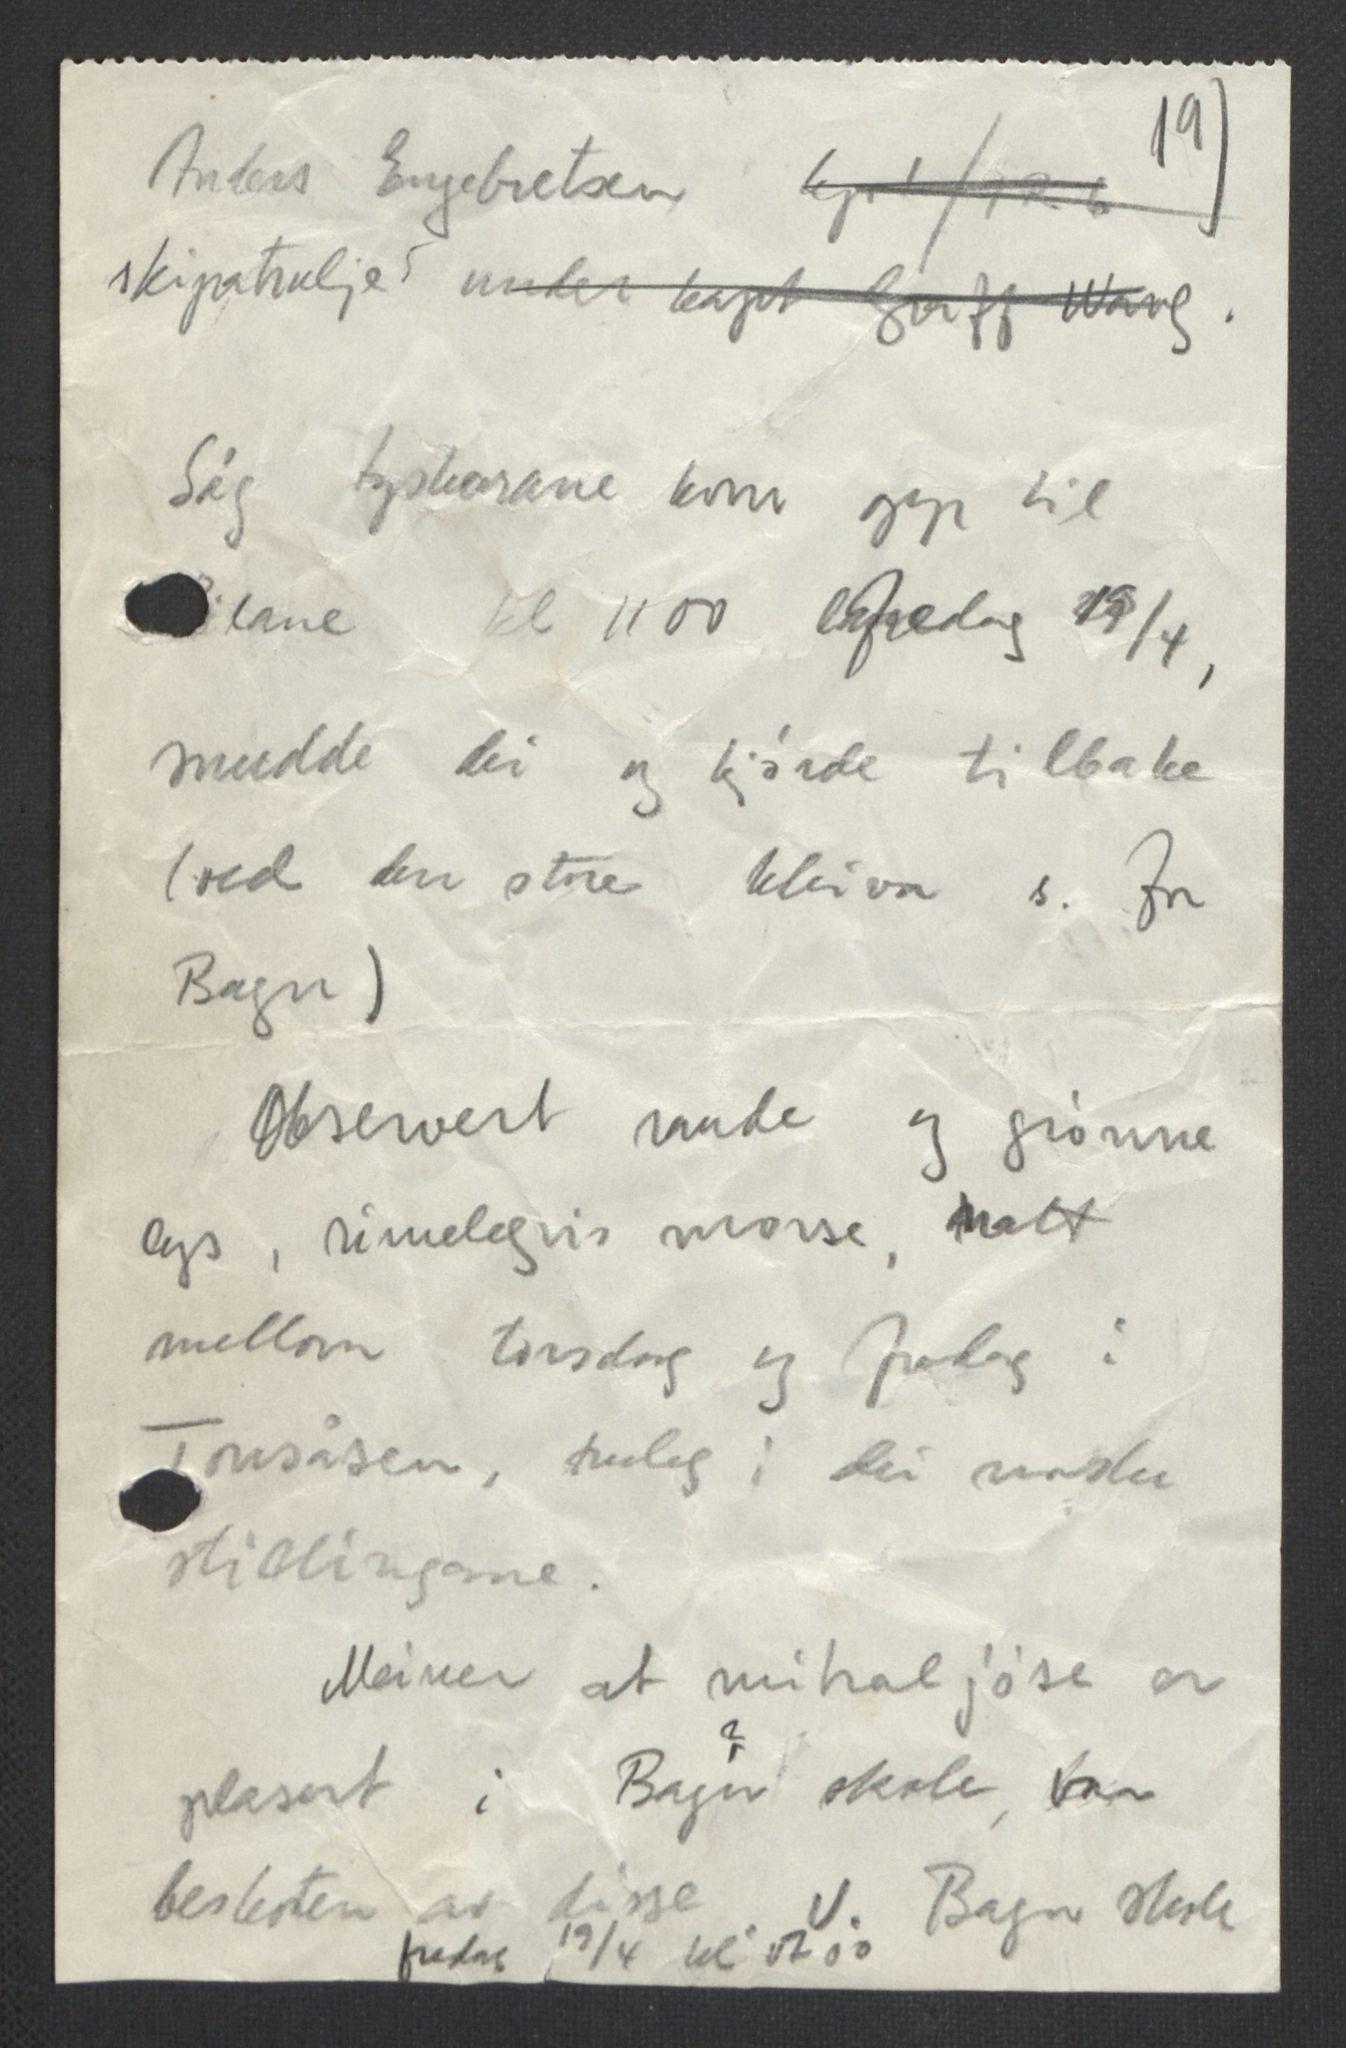 RA, Forsvaret, Forsvarets krigshistoriske avdeling, Y/Yb/L0104: II-C-11-430  -  4. Divisjon., 1940, s. 295